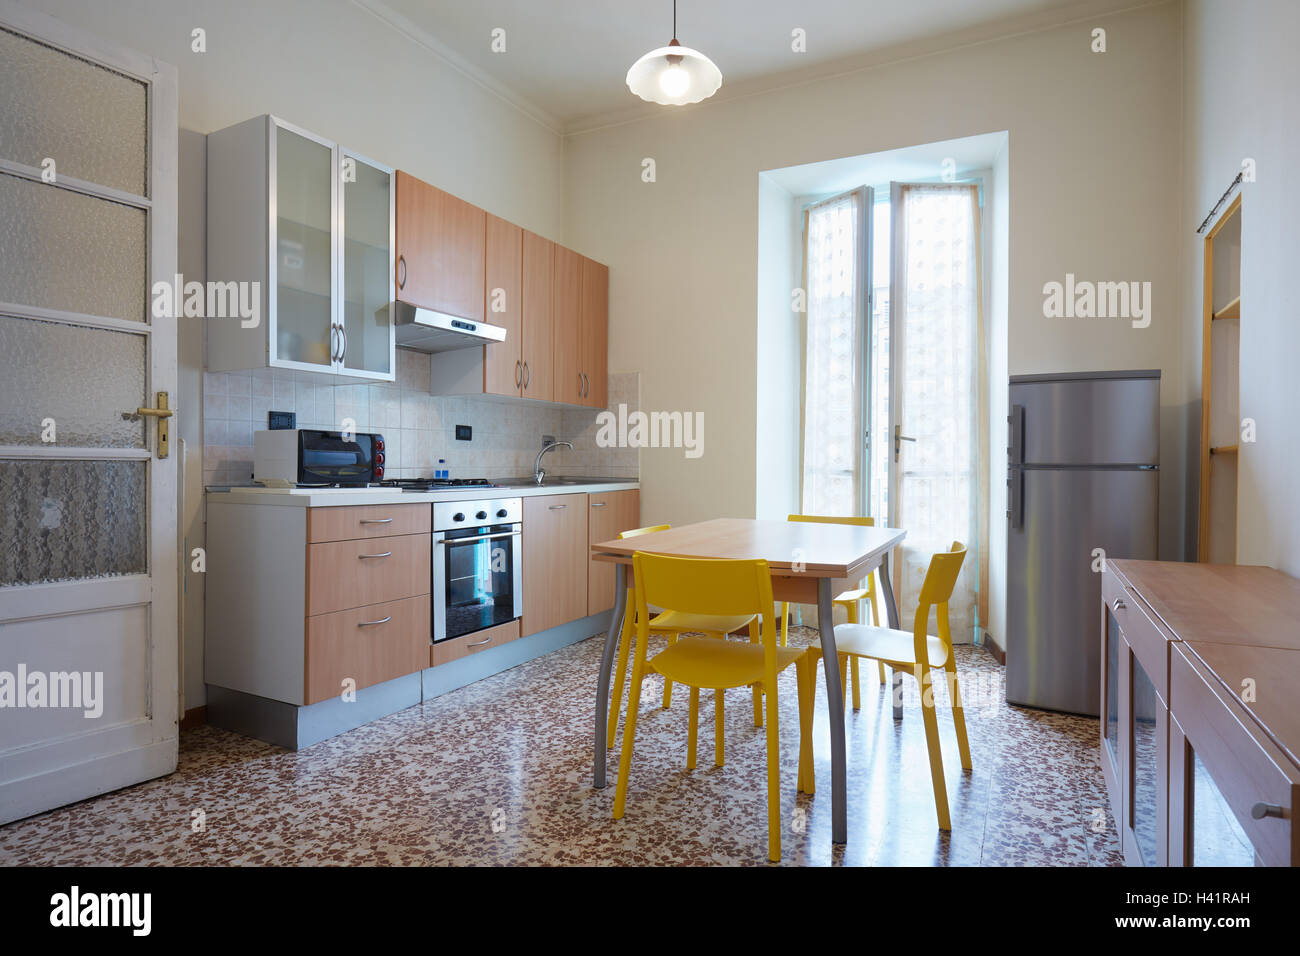 Einfache Küche Interieur in normalen Wohnung Stockfoto, Bild ...